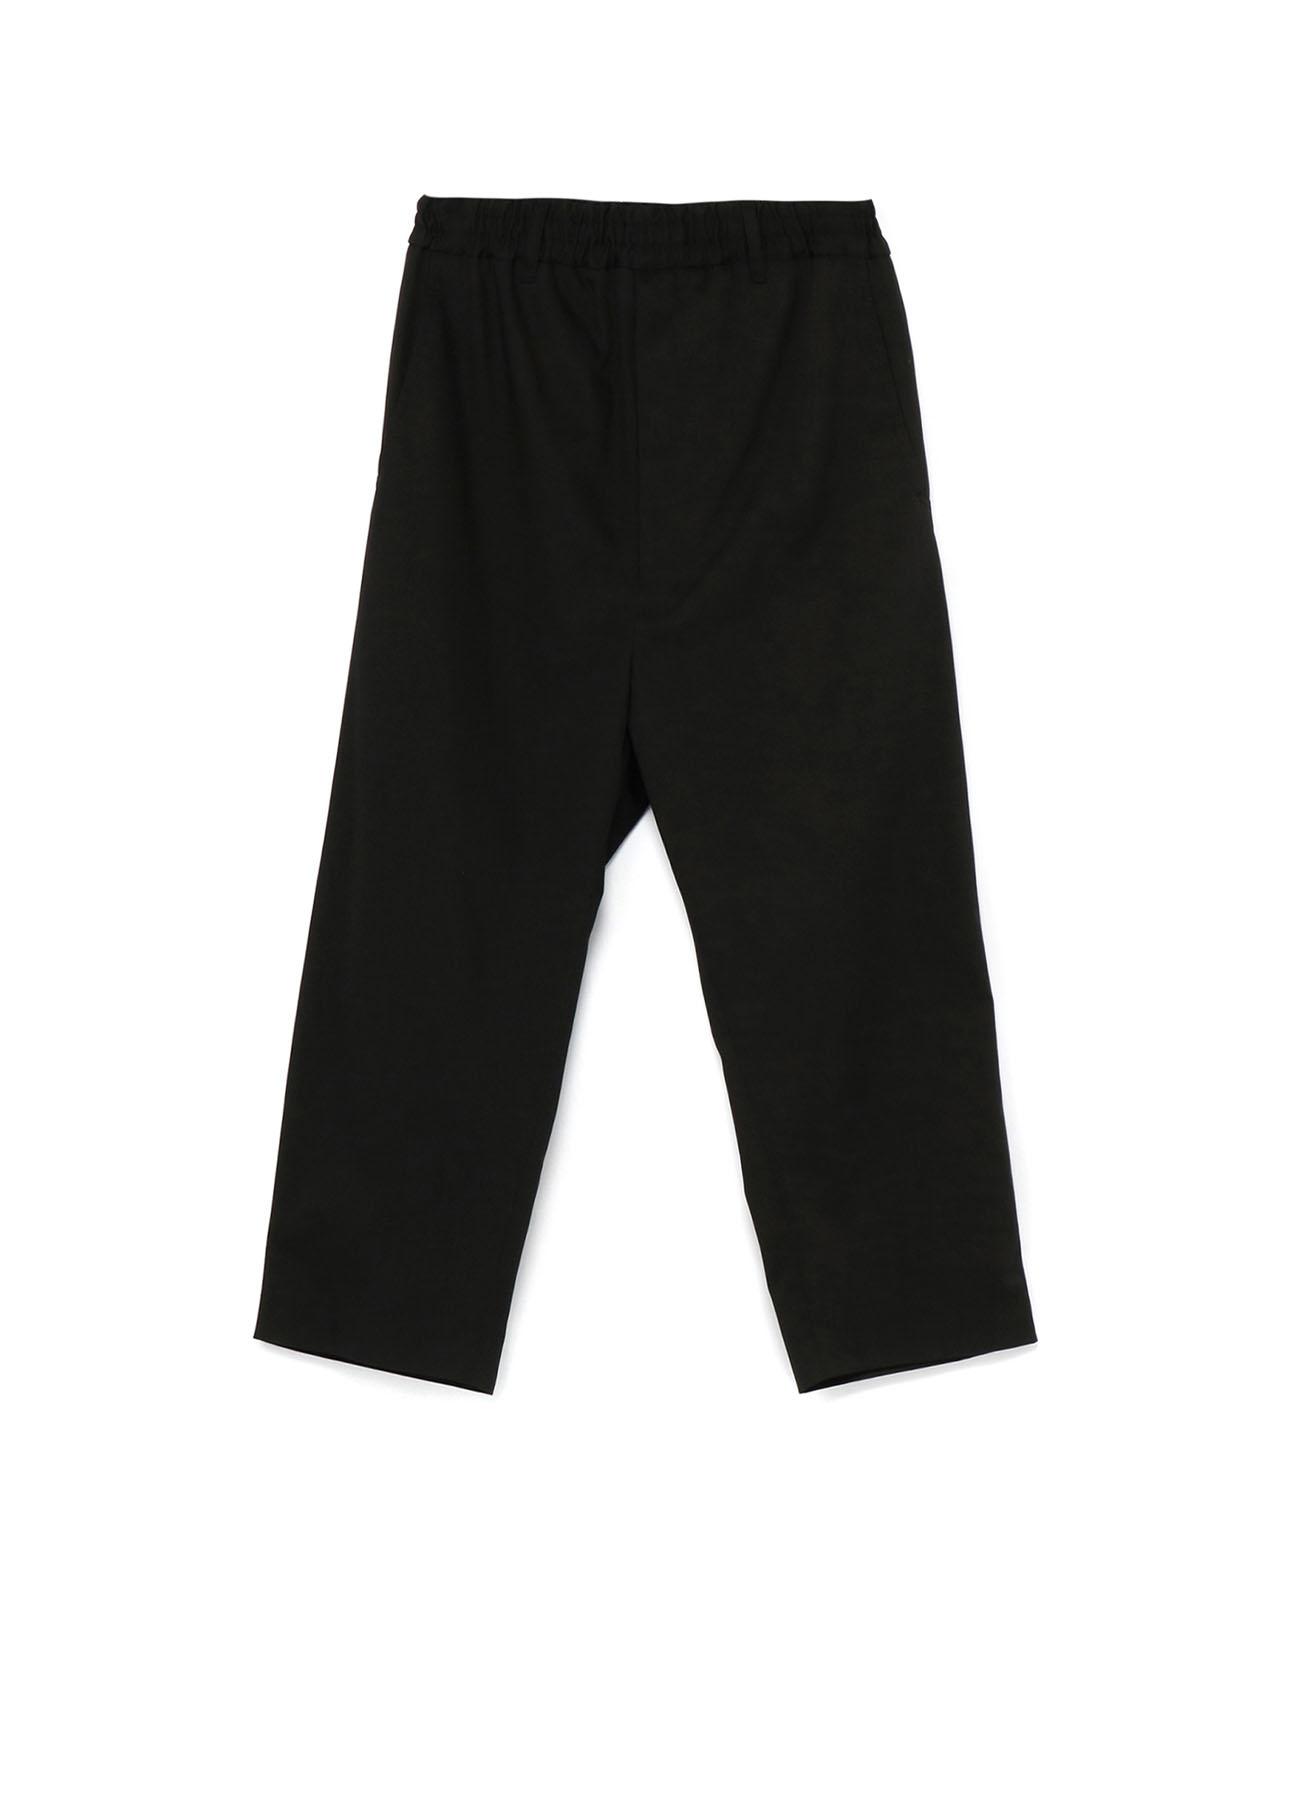 TASLAN NYLON CHINO CLOTH ELASTIC PANTS